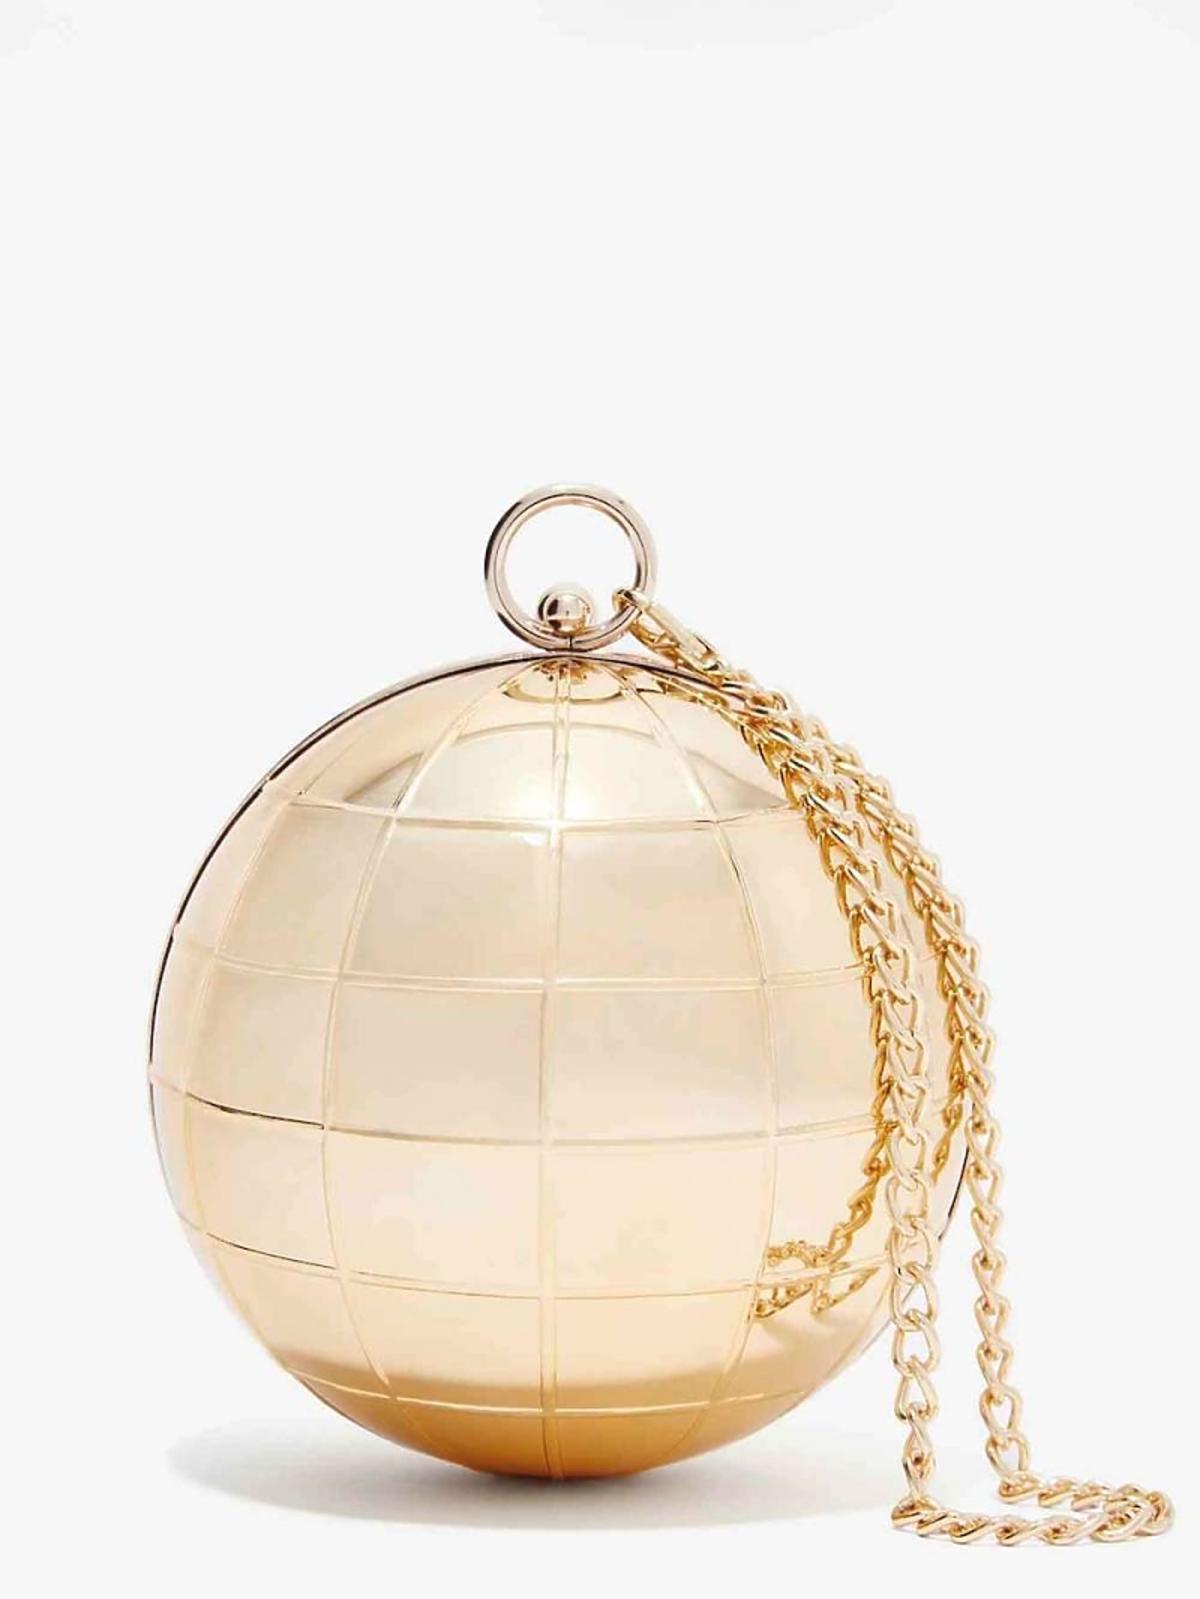 złota torebka w kształcie kuli